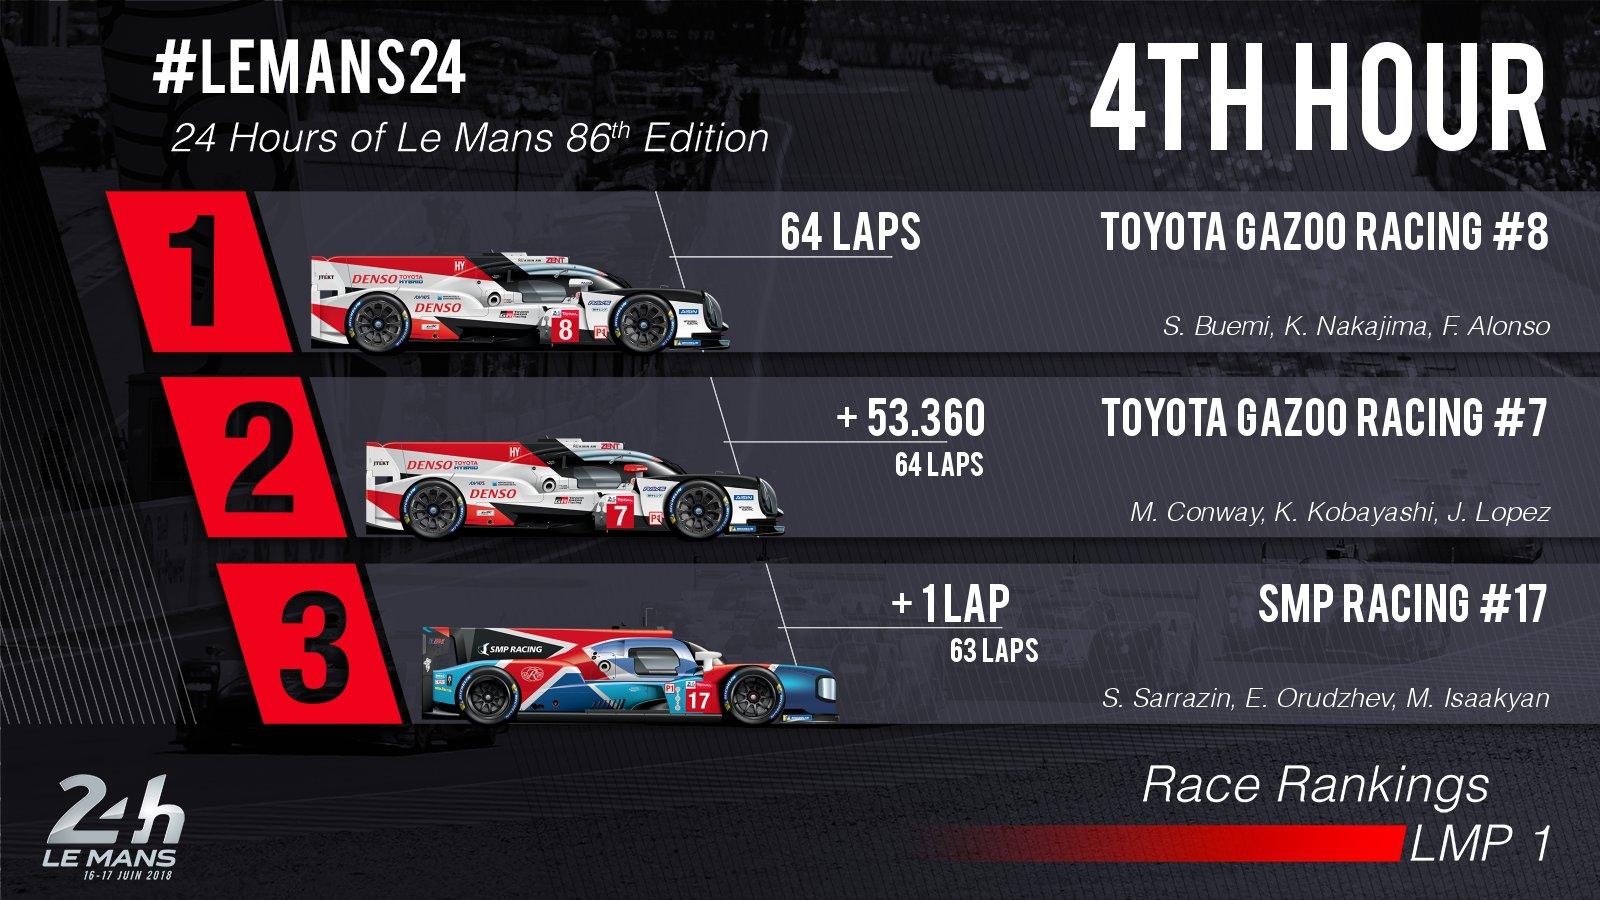 24 Horas de Le Mans 2018 - Página 3 Df0_vH6XcAE2sEO